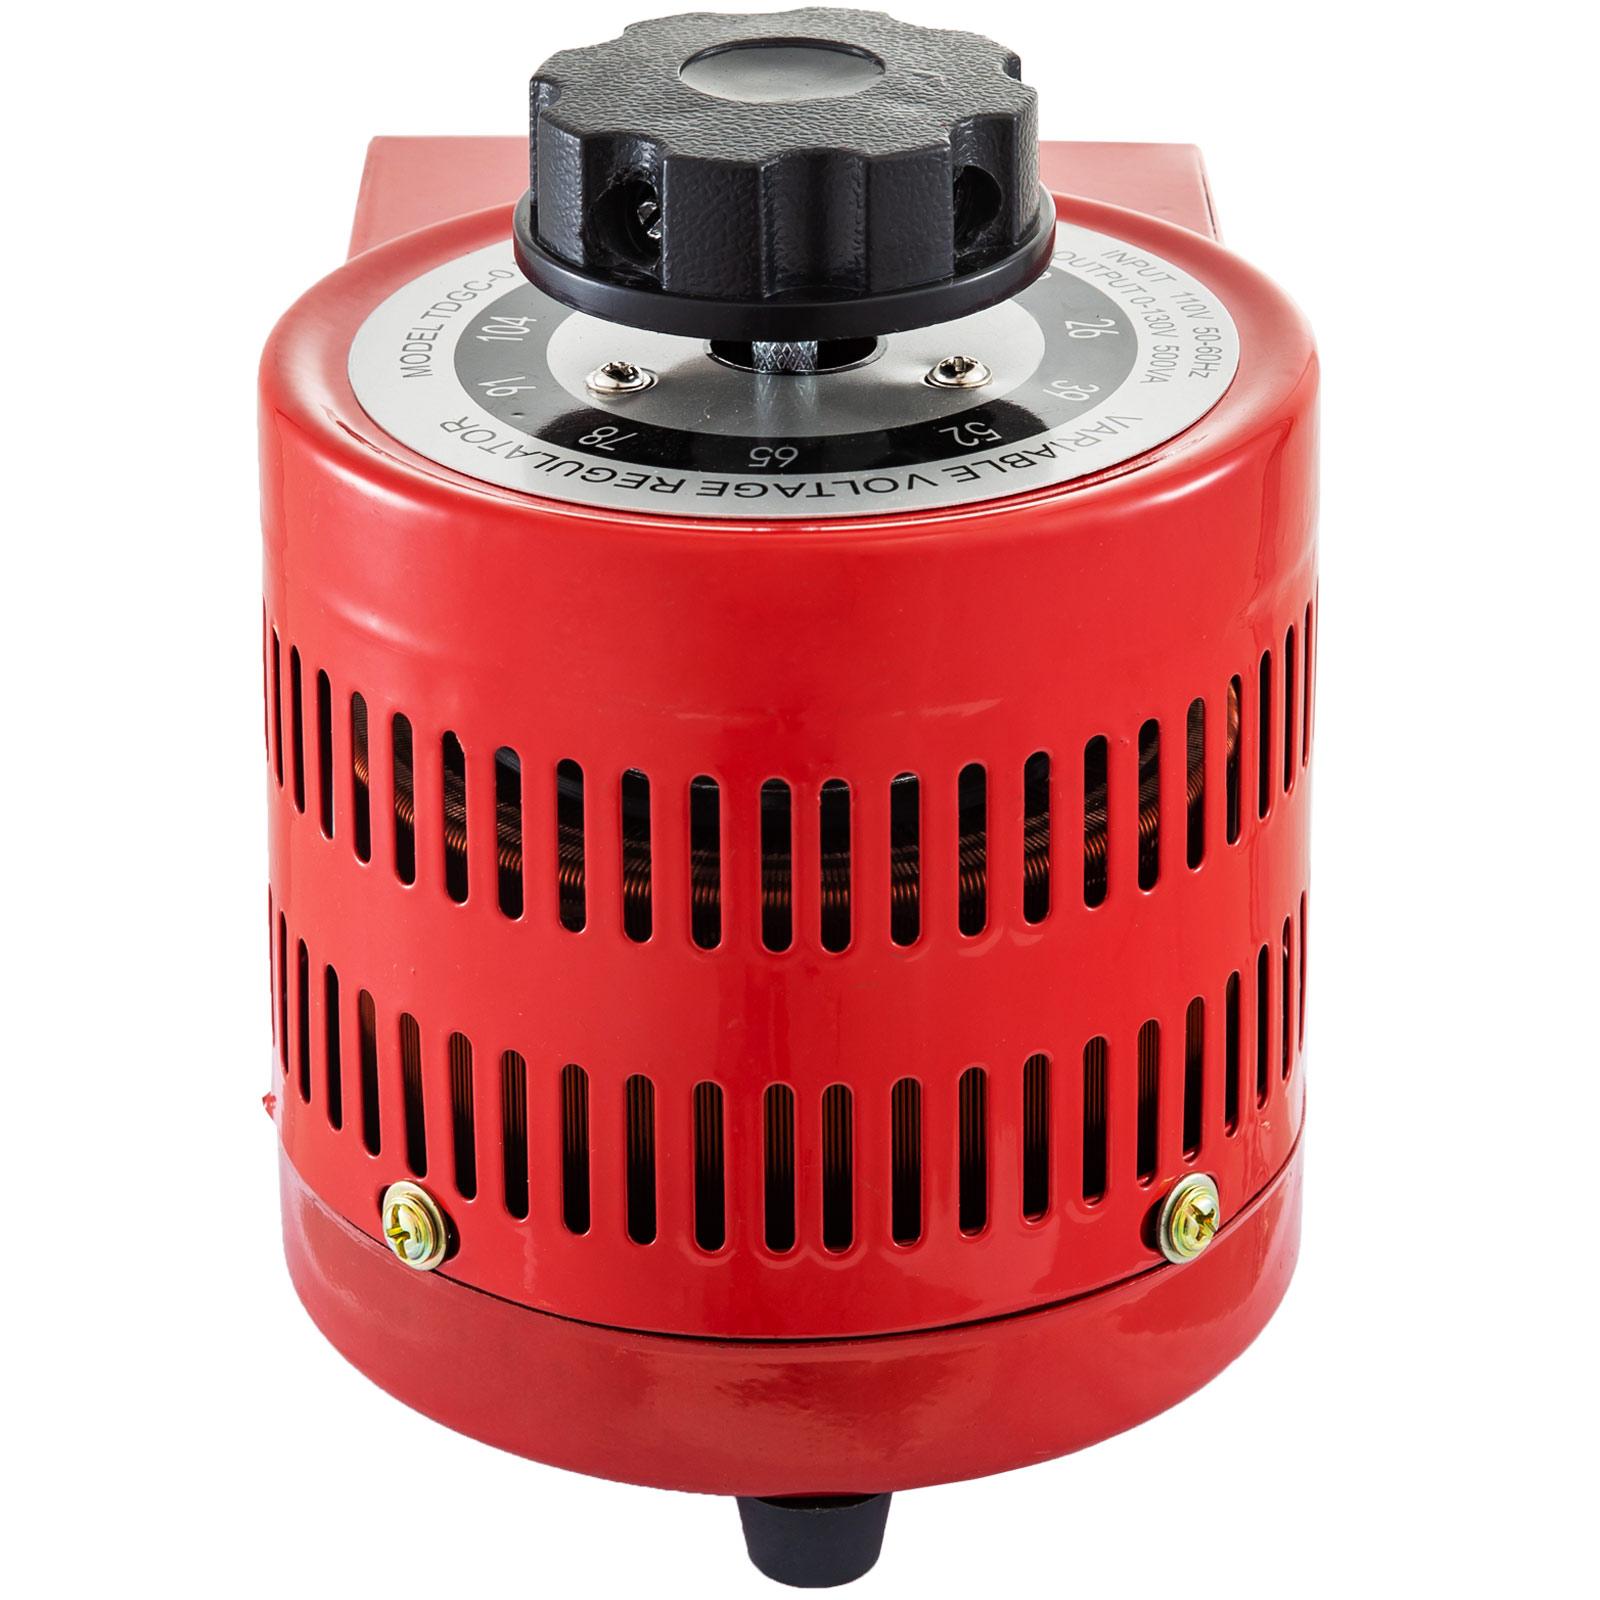 Variac-Variable-Transforme-0-5-1-2-3KVA-LCD-Single-Phase-Digital-Display-0-130V thumbnail 23